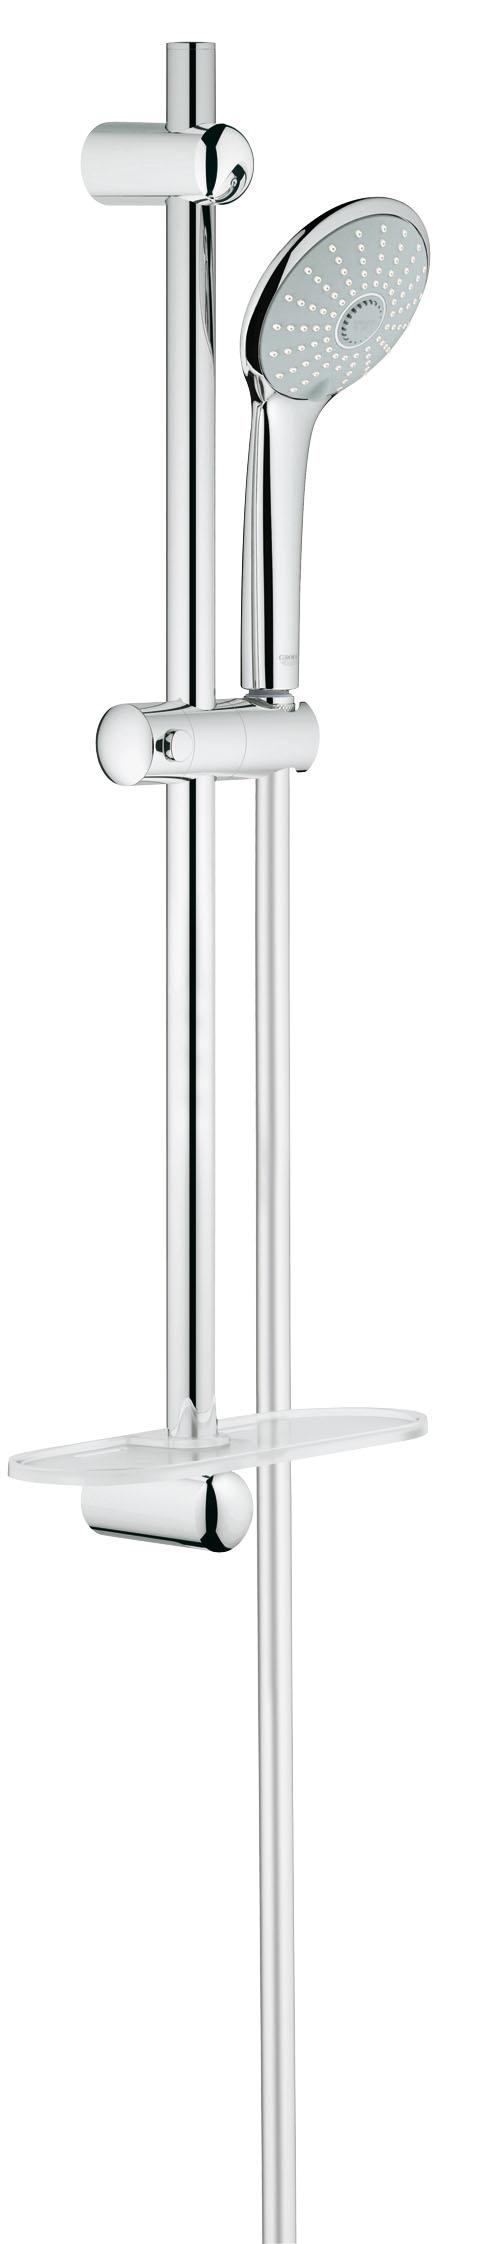 Душевой комплект GROHE Euphoria, штанга 600 мм. (27231001)27231001GROHE Euphoria 110 Massage: душевой гарнитур со штангой для бесподобно расслабляющих душевых процедур Этот ручной душ располагает приятным дополнением к стандартному режиму Rain и его водосберегающей версии SmartRain, а именно расслабляющим режимом Massage, в котором вода подается пульсирующей струей, позволяющей сделать приятный массаж, например, головы и шеи. Наслаждайтесь расслабляющими душевыми процедурами, установив в своей ванной комнате этот душевой гарнитур со множеством достоинств: к примеру, с помощью системы QuickFix Вы сможете быстро и легко установить входящую в комплект 600-миллиметровую душевую штангу, используя имеющиеся отверстия в стене или просверлив новые в межплиточных швах. В комплект входит шланг TwistFree, с которым Вы забудете о распутывании перекрученных душевых шлангов. Благодаря системе предотвращения известкования SpeedClean и хромированному покрытию GROHE StarLight данный гарнитур чрезвычайно неприхотлив в уходе и никогда не утратит своего ослепительного блеска. Комплектацию этого гарнитура идеальным образом дополняет полочка GROHE EasyReach, с которой шампунь и гель для душа всегда будут у Вас под рукой.Особенности:Включает в себя: Ручной душ Massage (27 221 000) Душевая штанга, 600 мм (27 499 000) GROHE QuickFix (регулируемое расстояние между настеннымиКреплениями штанги позволяет использовать для монтажаУже имеющиеся отверстия в стене)Душевой шланг 1750 мм (28 388 000) Полочка GROHE EasyReach™(27 596 000) GROHE DreamSpray превосходный поток воды GROHE SprayDimmer GROHE StarLight хромированная поверхностьС системой SpeedClean против известковых отложений Внутренний охлаждающий канал для продолжительного срока службы Twistfree против перекручивания шлангаВидео по установке является исключительно информационным. Установка должна проводиться профессионалами!